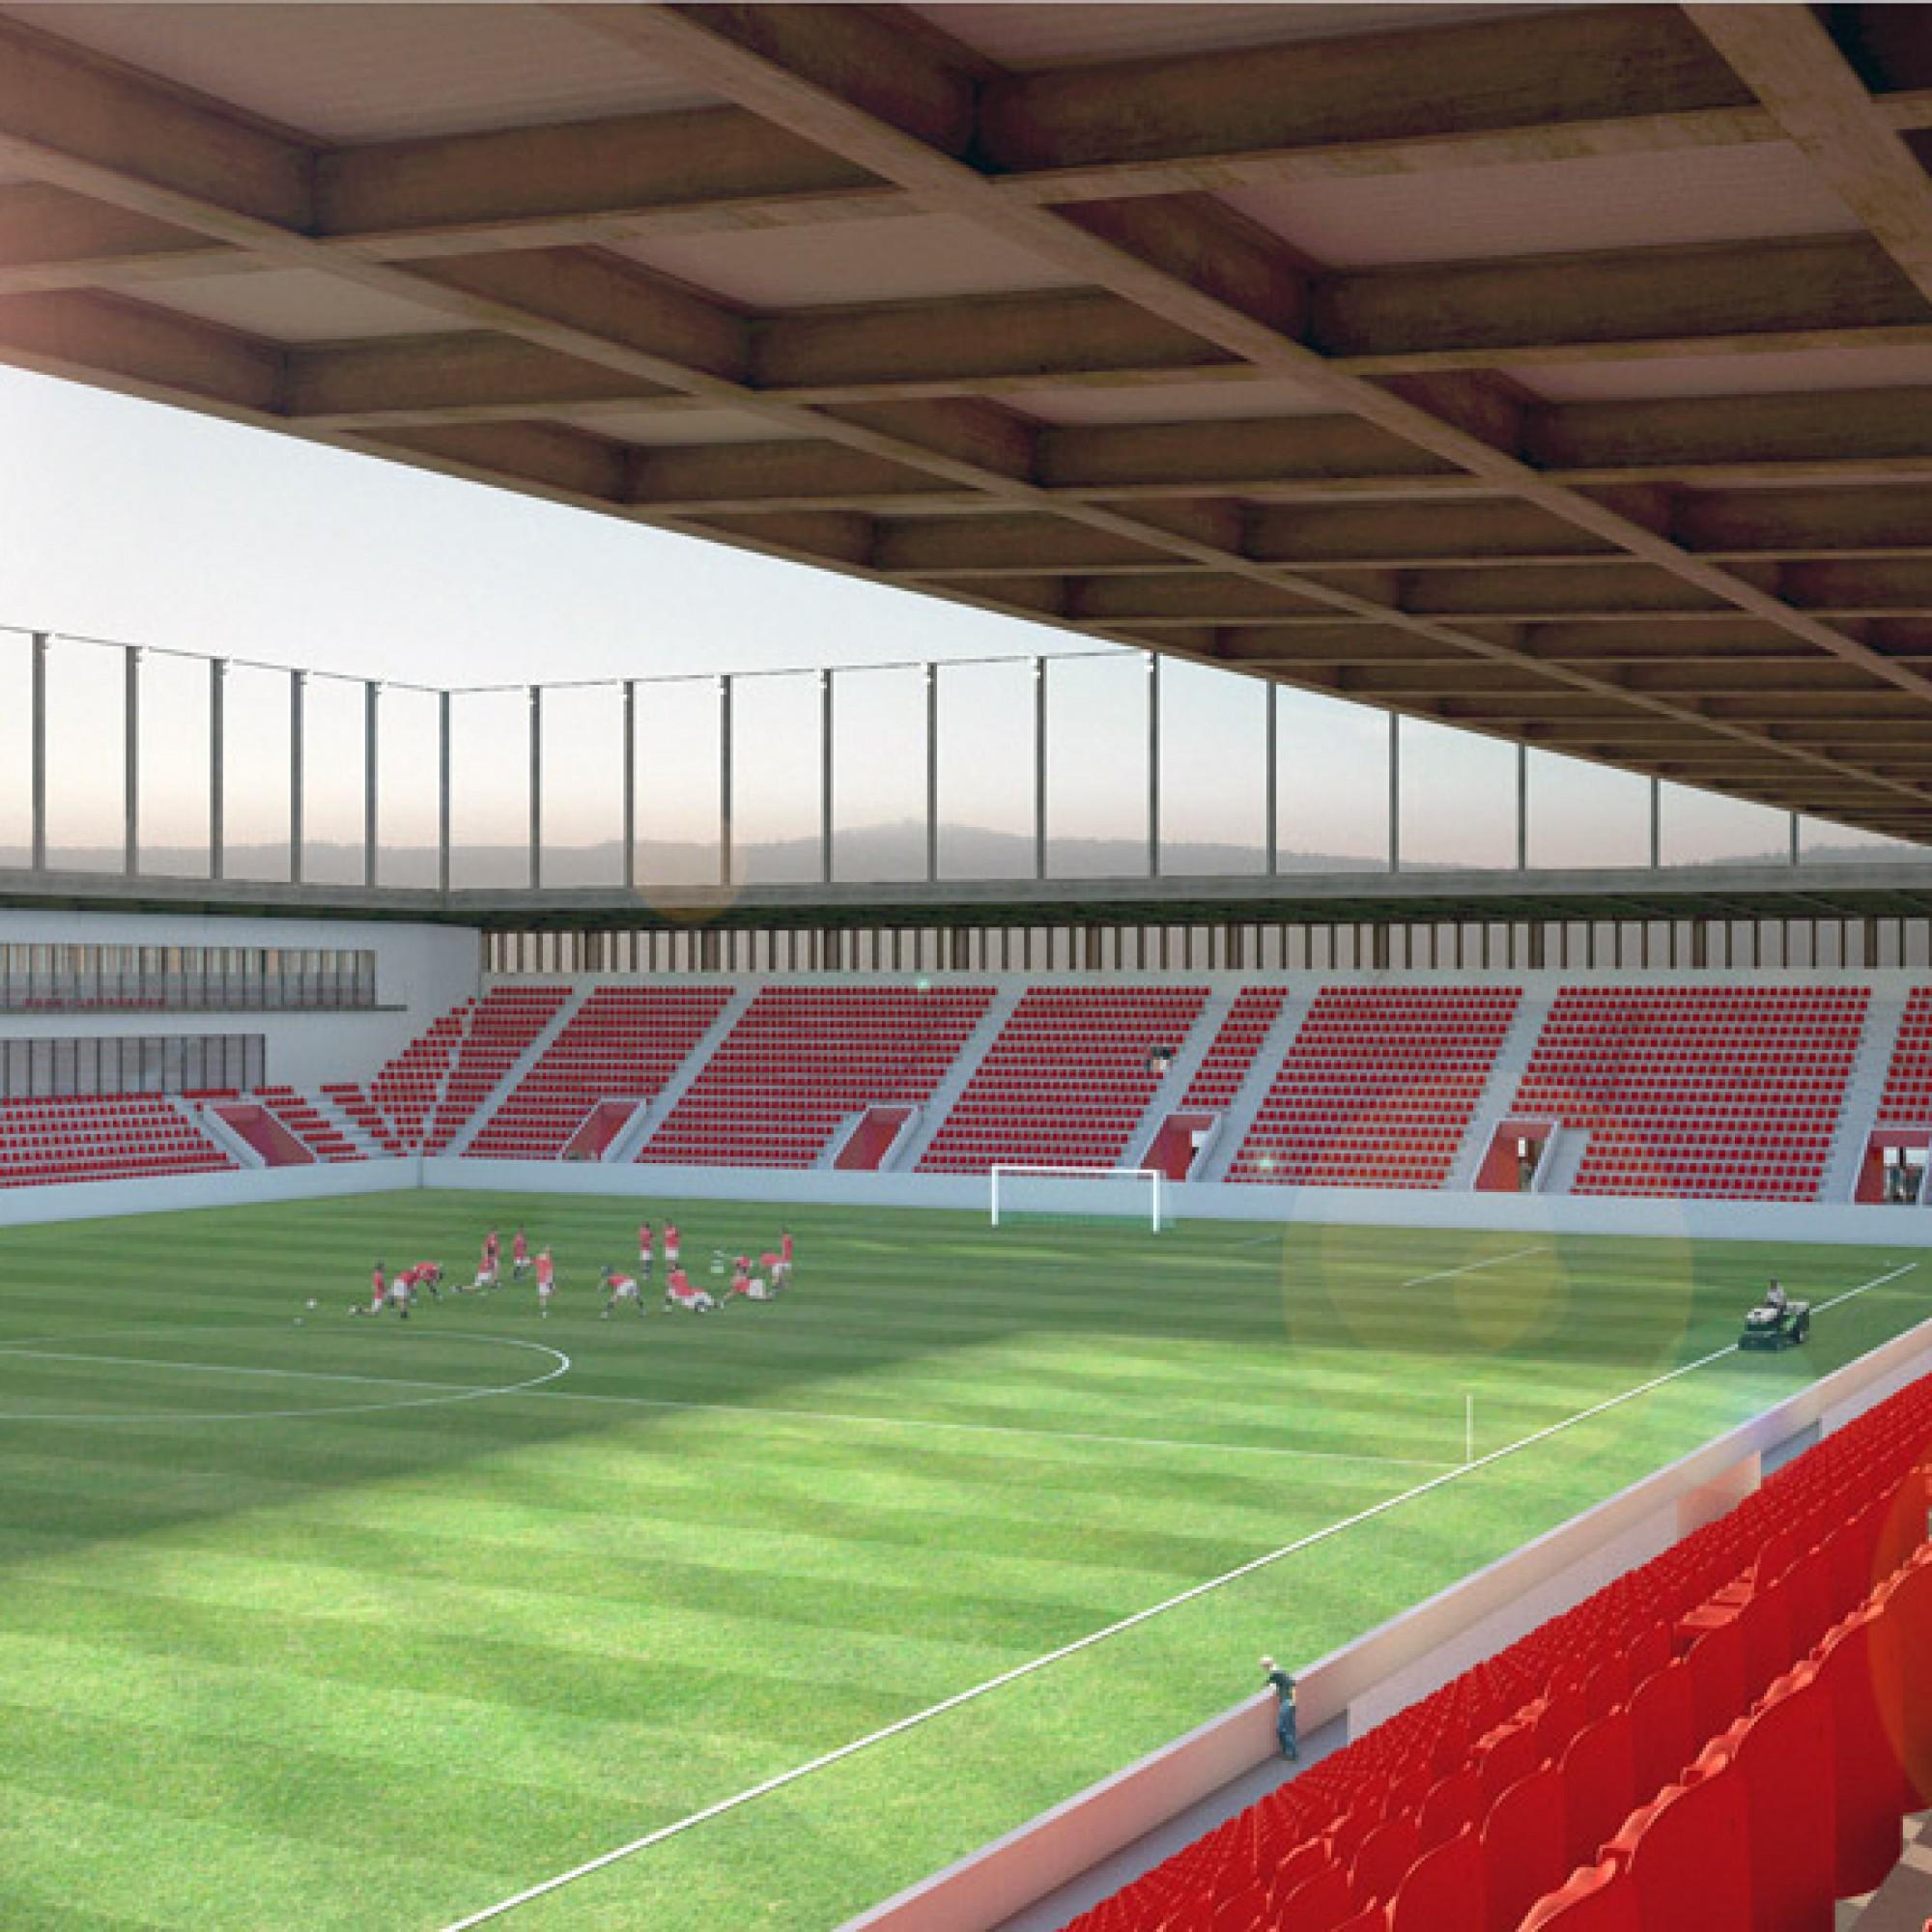 Bis der FC Aarau im neuen Stadion spielen kann wird es noch dauern. (zvg)